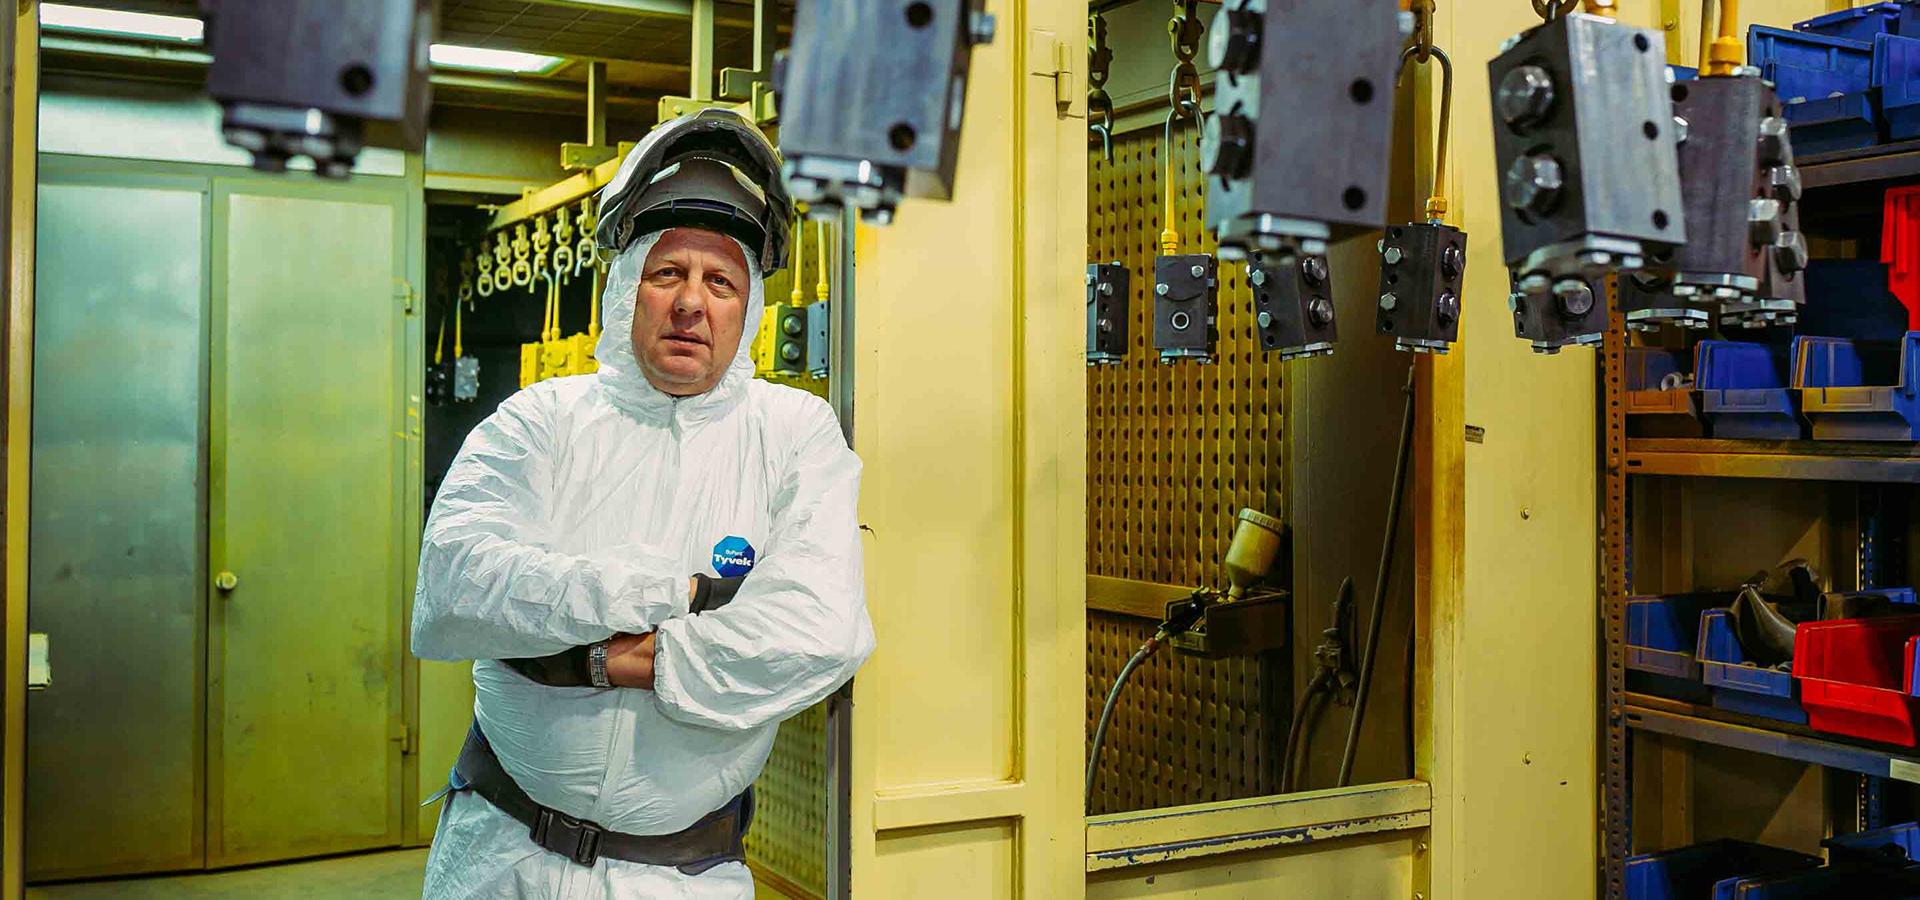 Fotografia biznesowa, zdjęcie a fabryce w kombinezonie roboczym